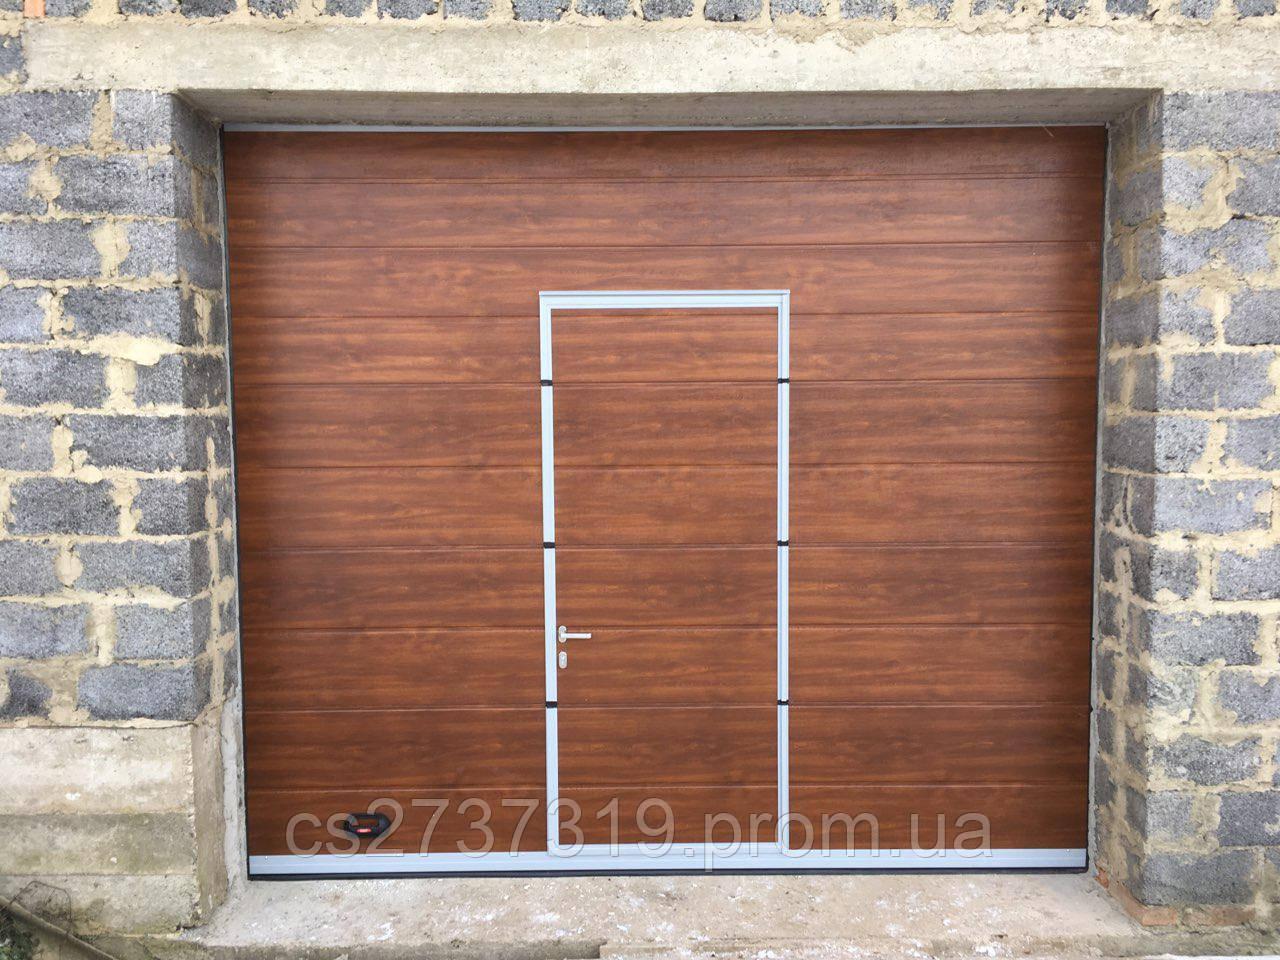 Гаражные секционные ворота  DoorHan 3100*2600